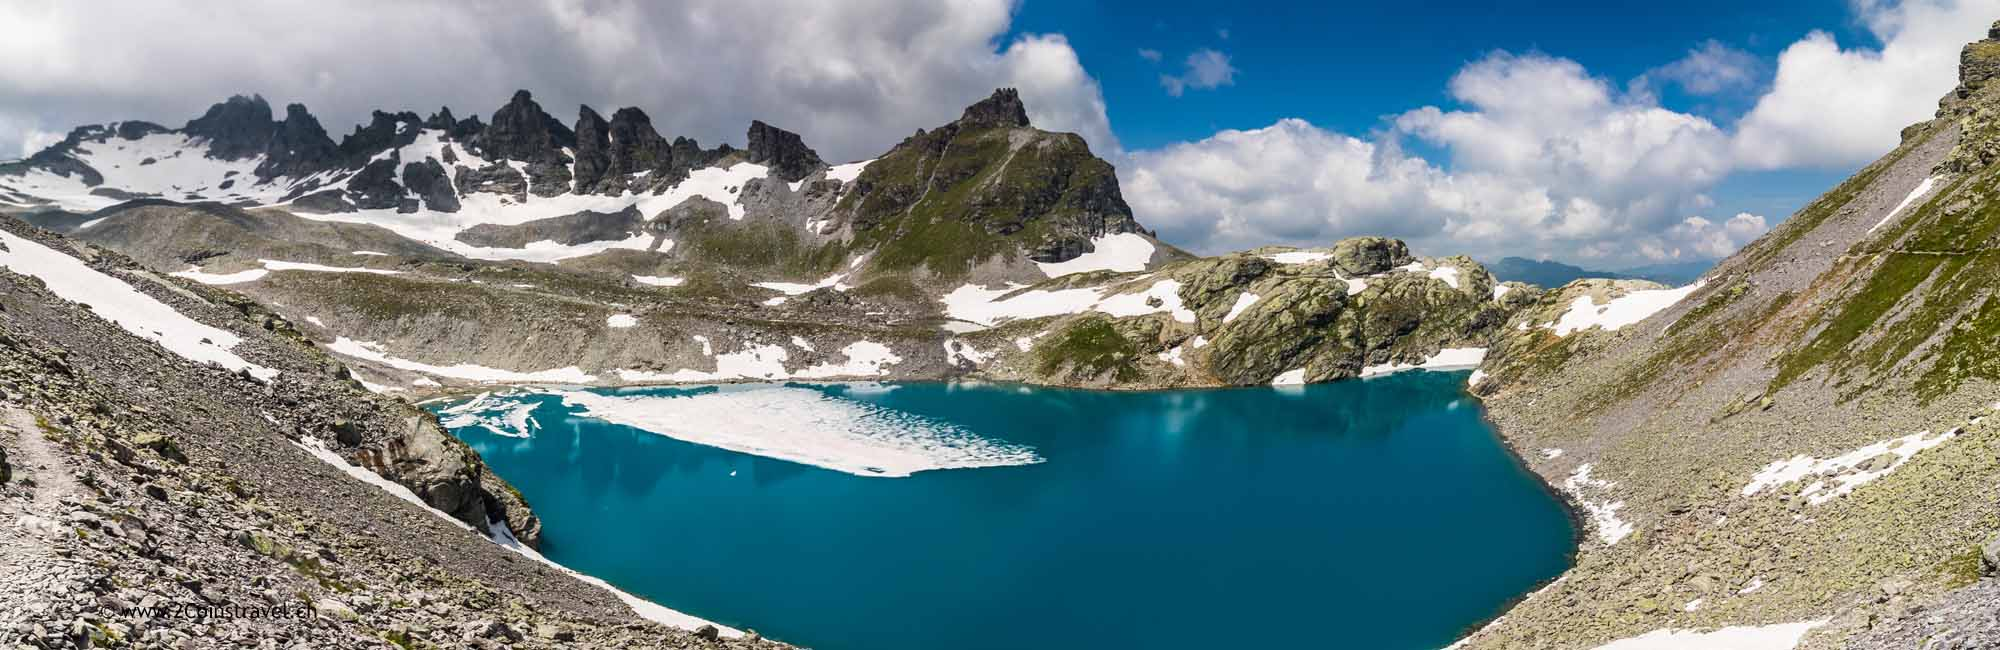 Pizol Wildsee Panorama